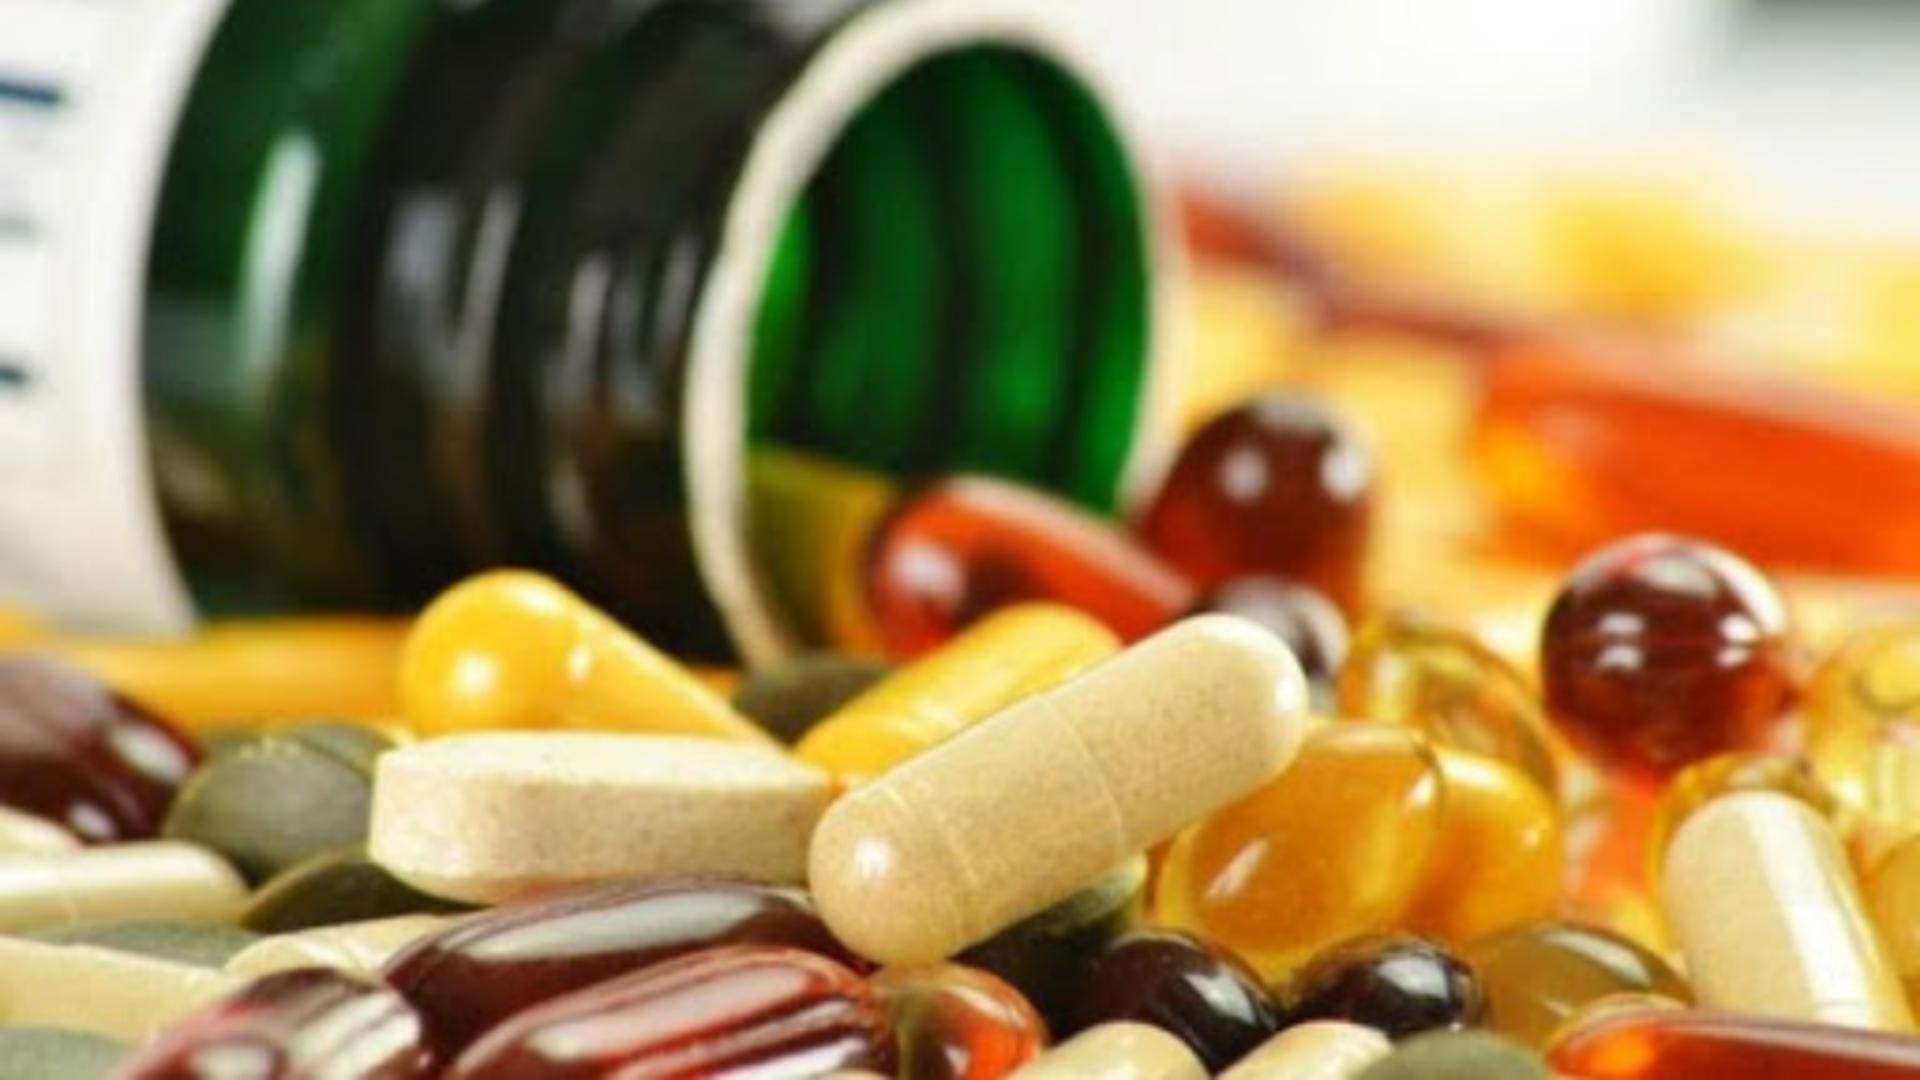 Suplimentele alimentare pot avea în componență doar ingrediente acceptate de legislația UE